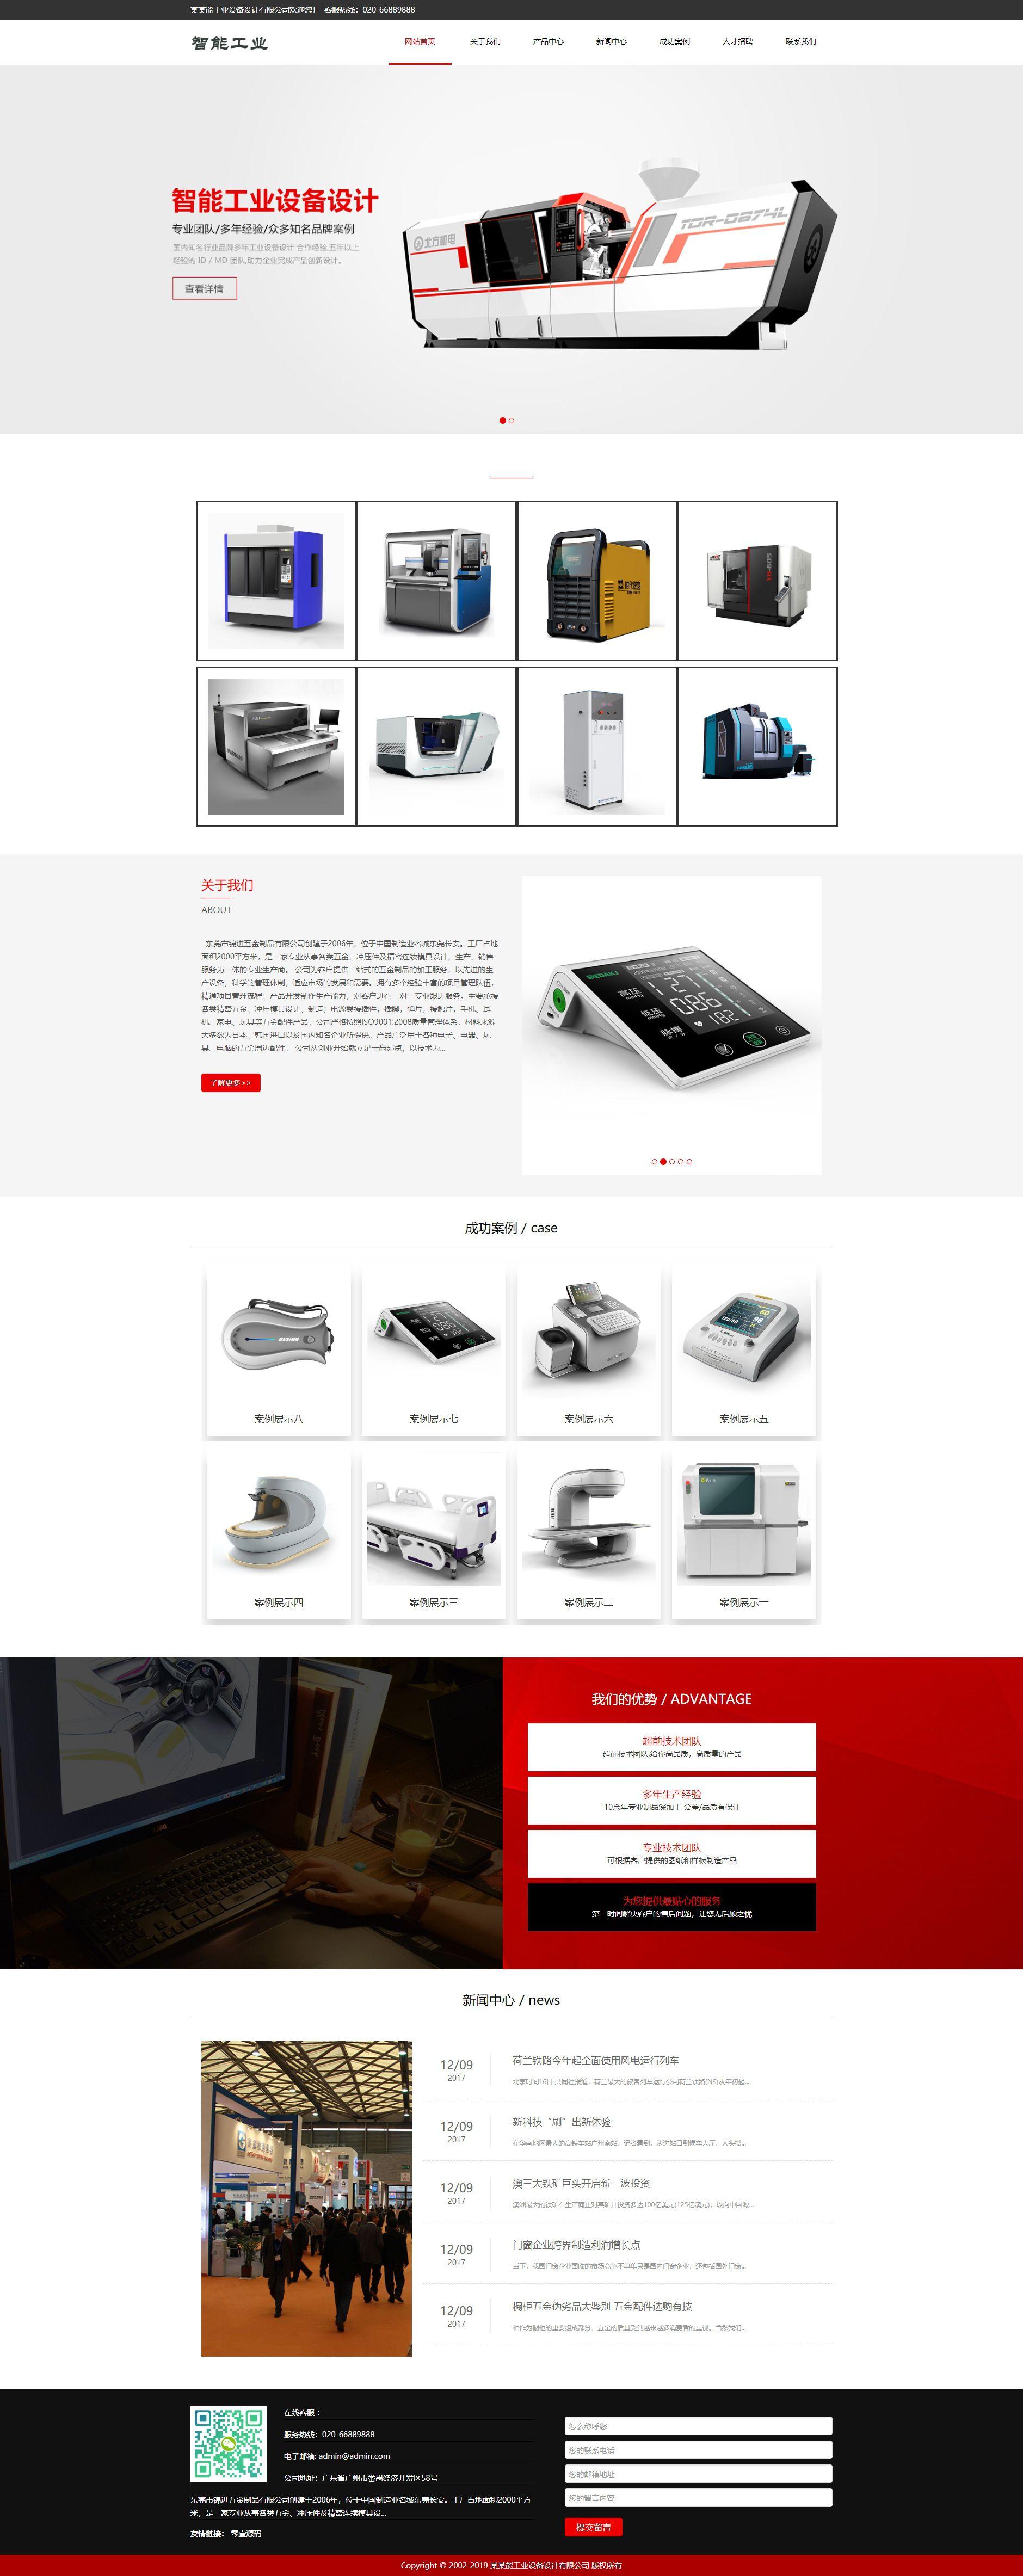 响应式智能工业设备设计类企业织梦dedecms模板(自适应手机端)